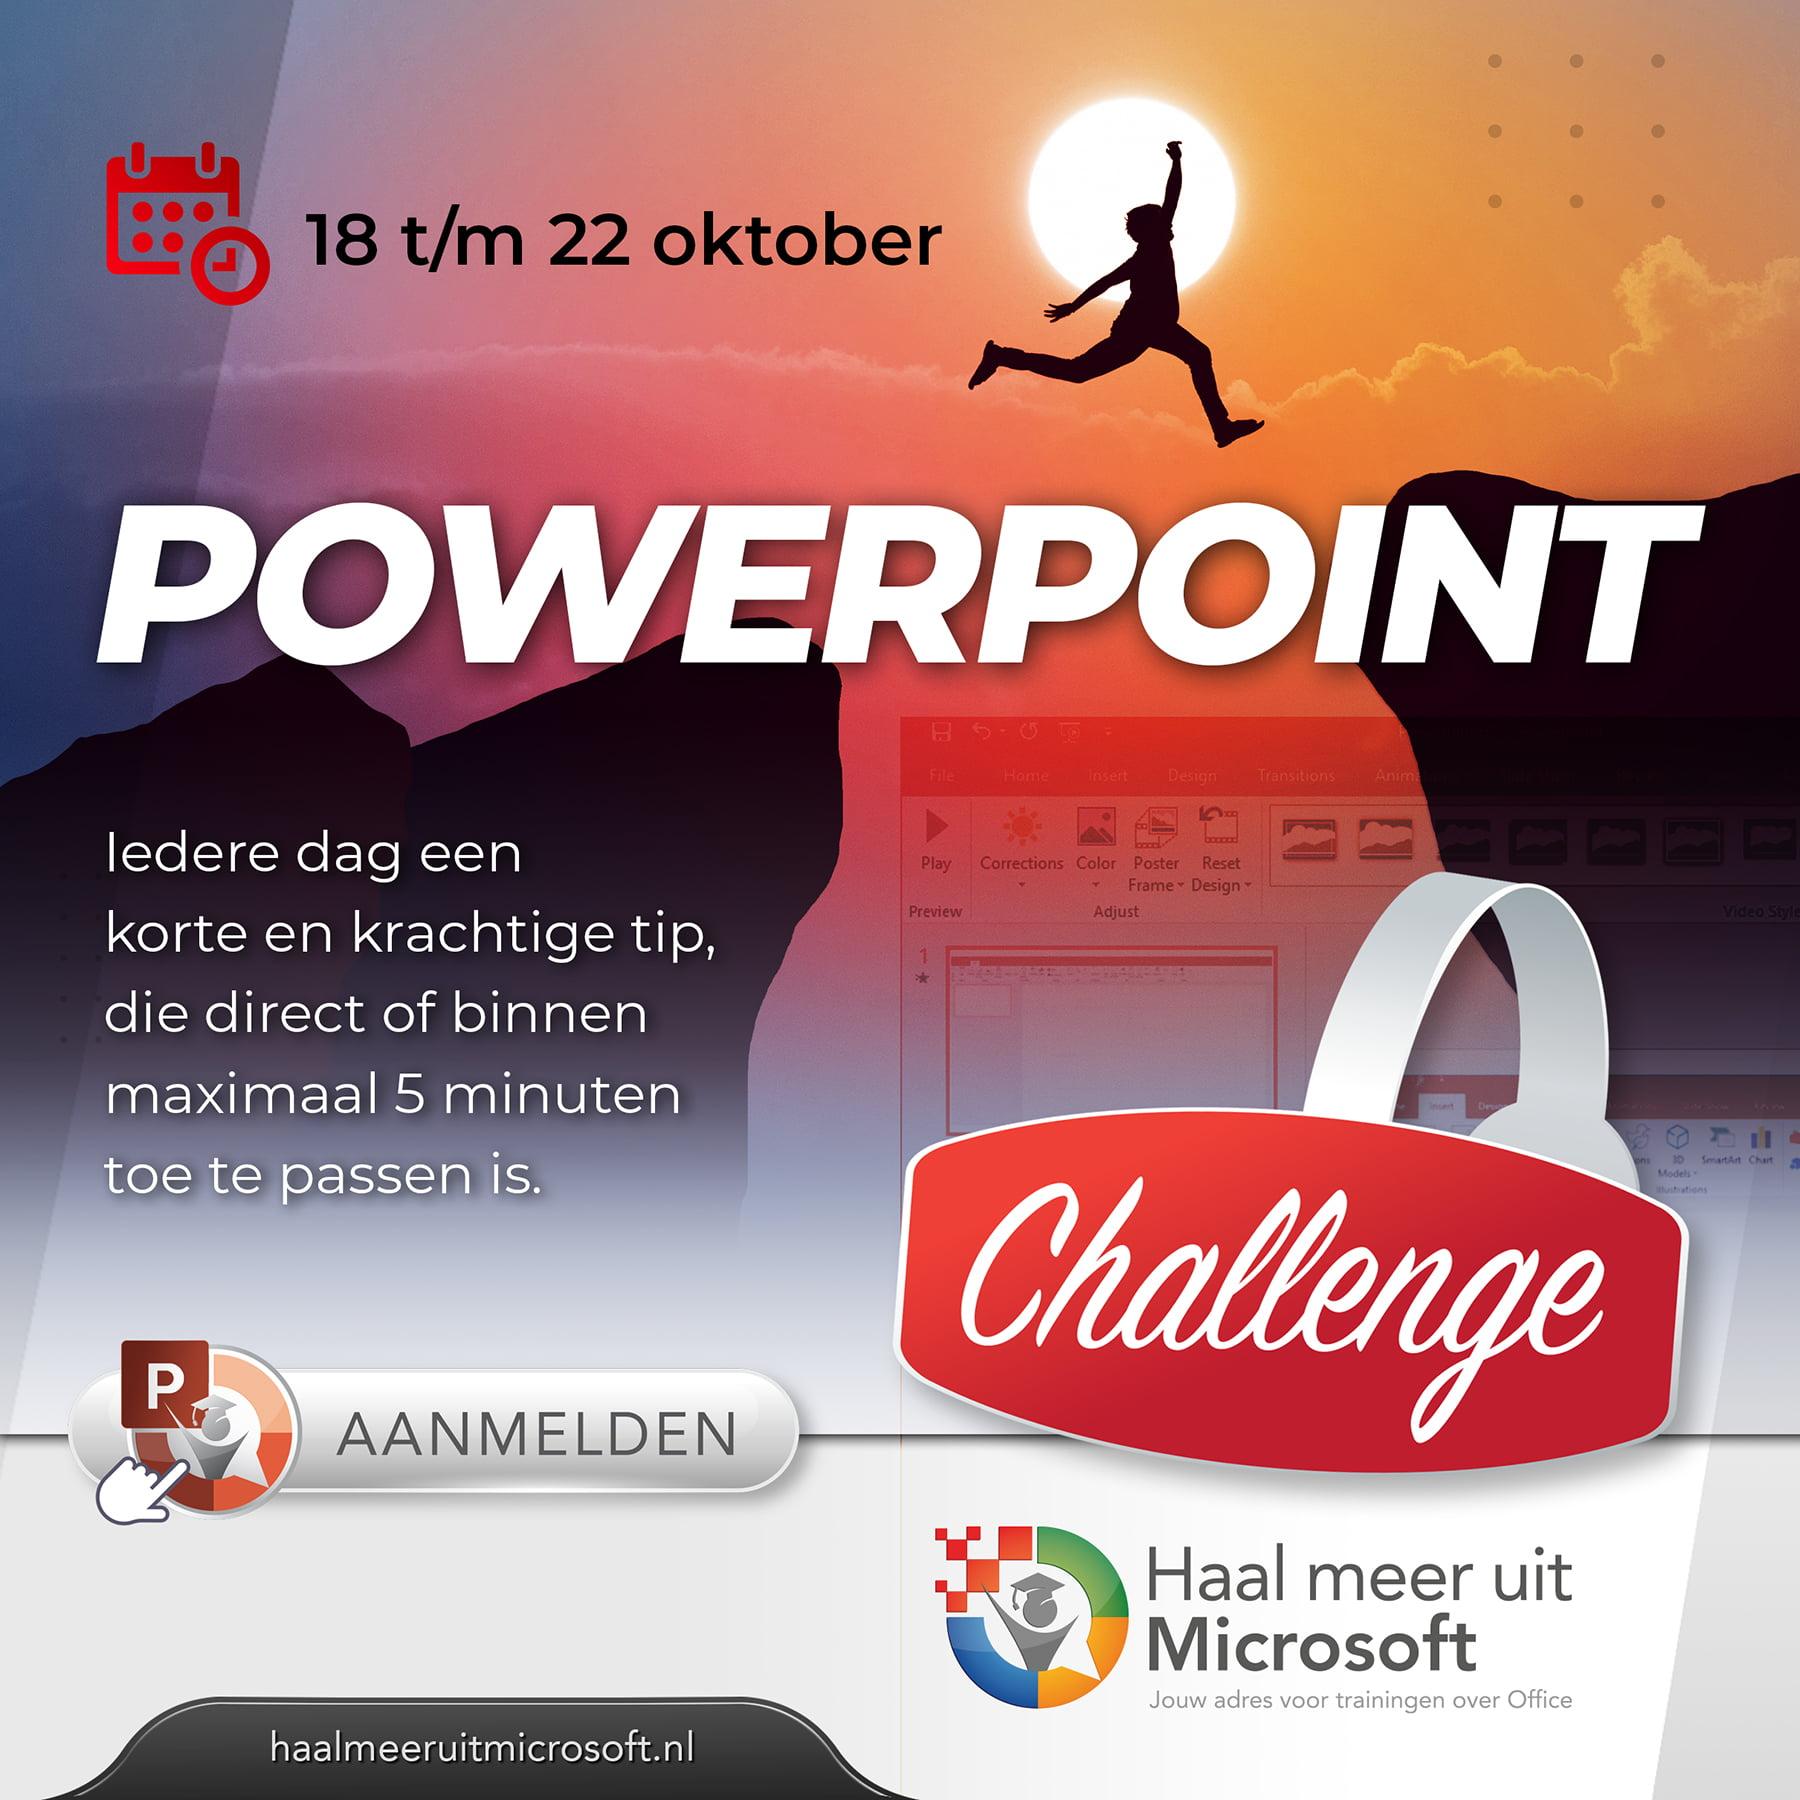 PowerPoint challenge van 18 t/m 22 oktober 2021